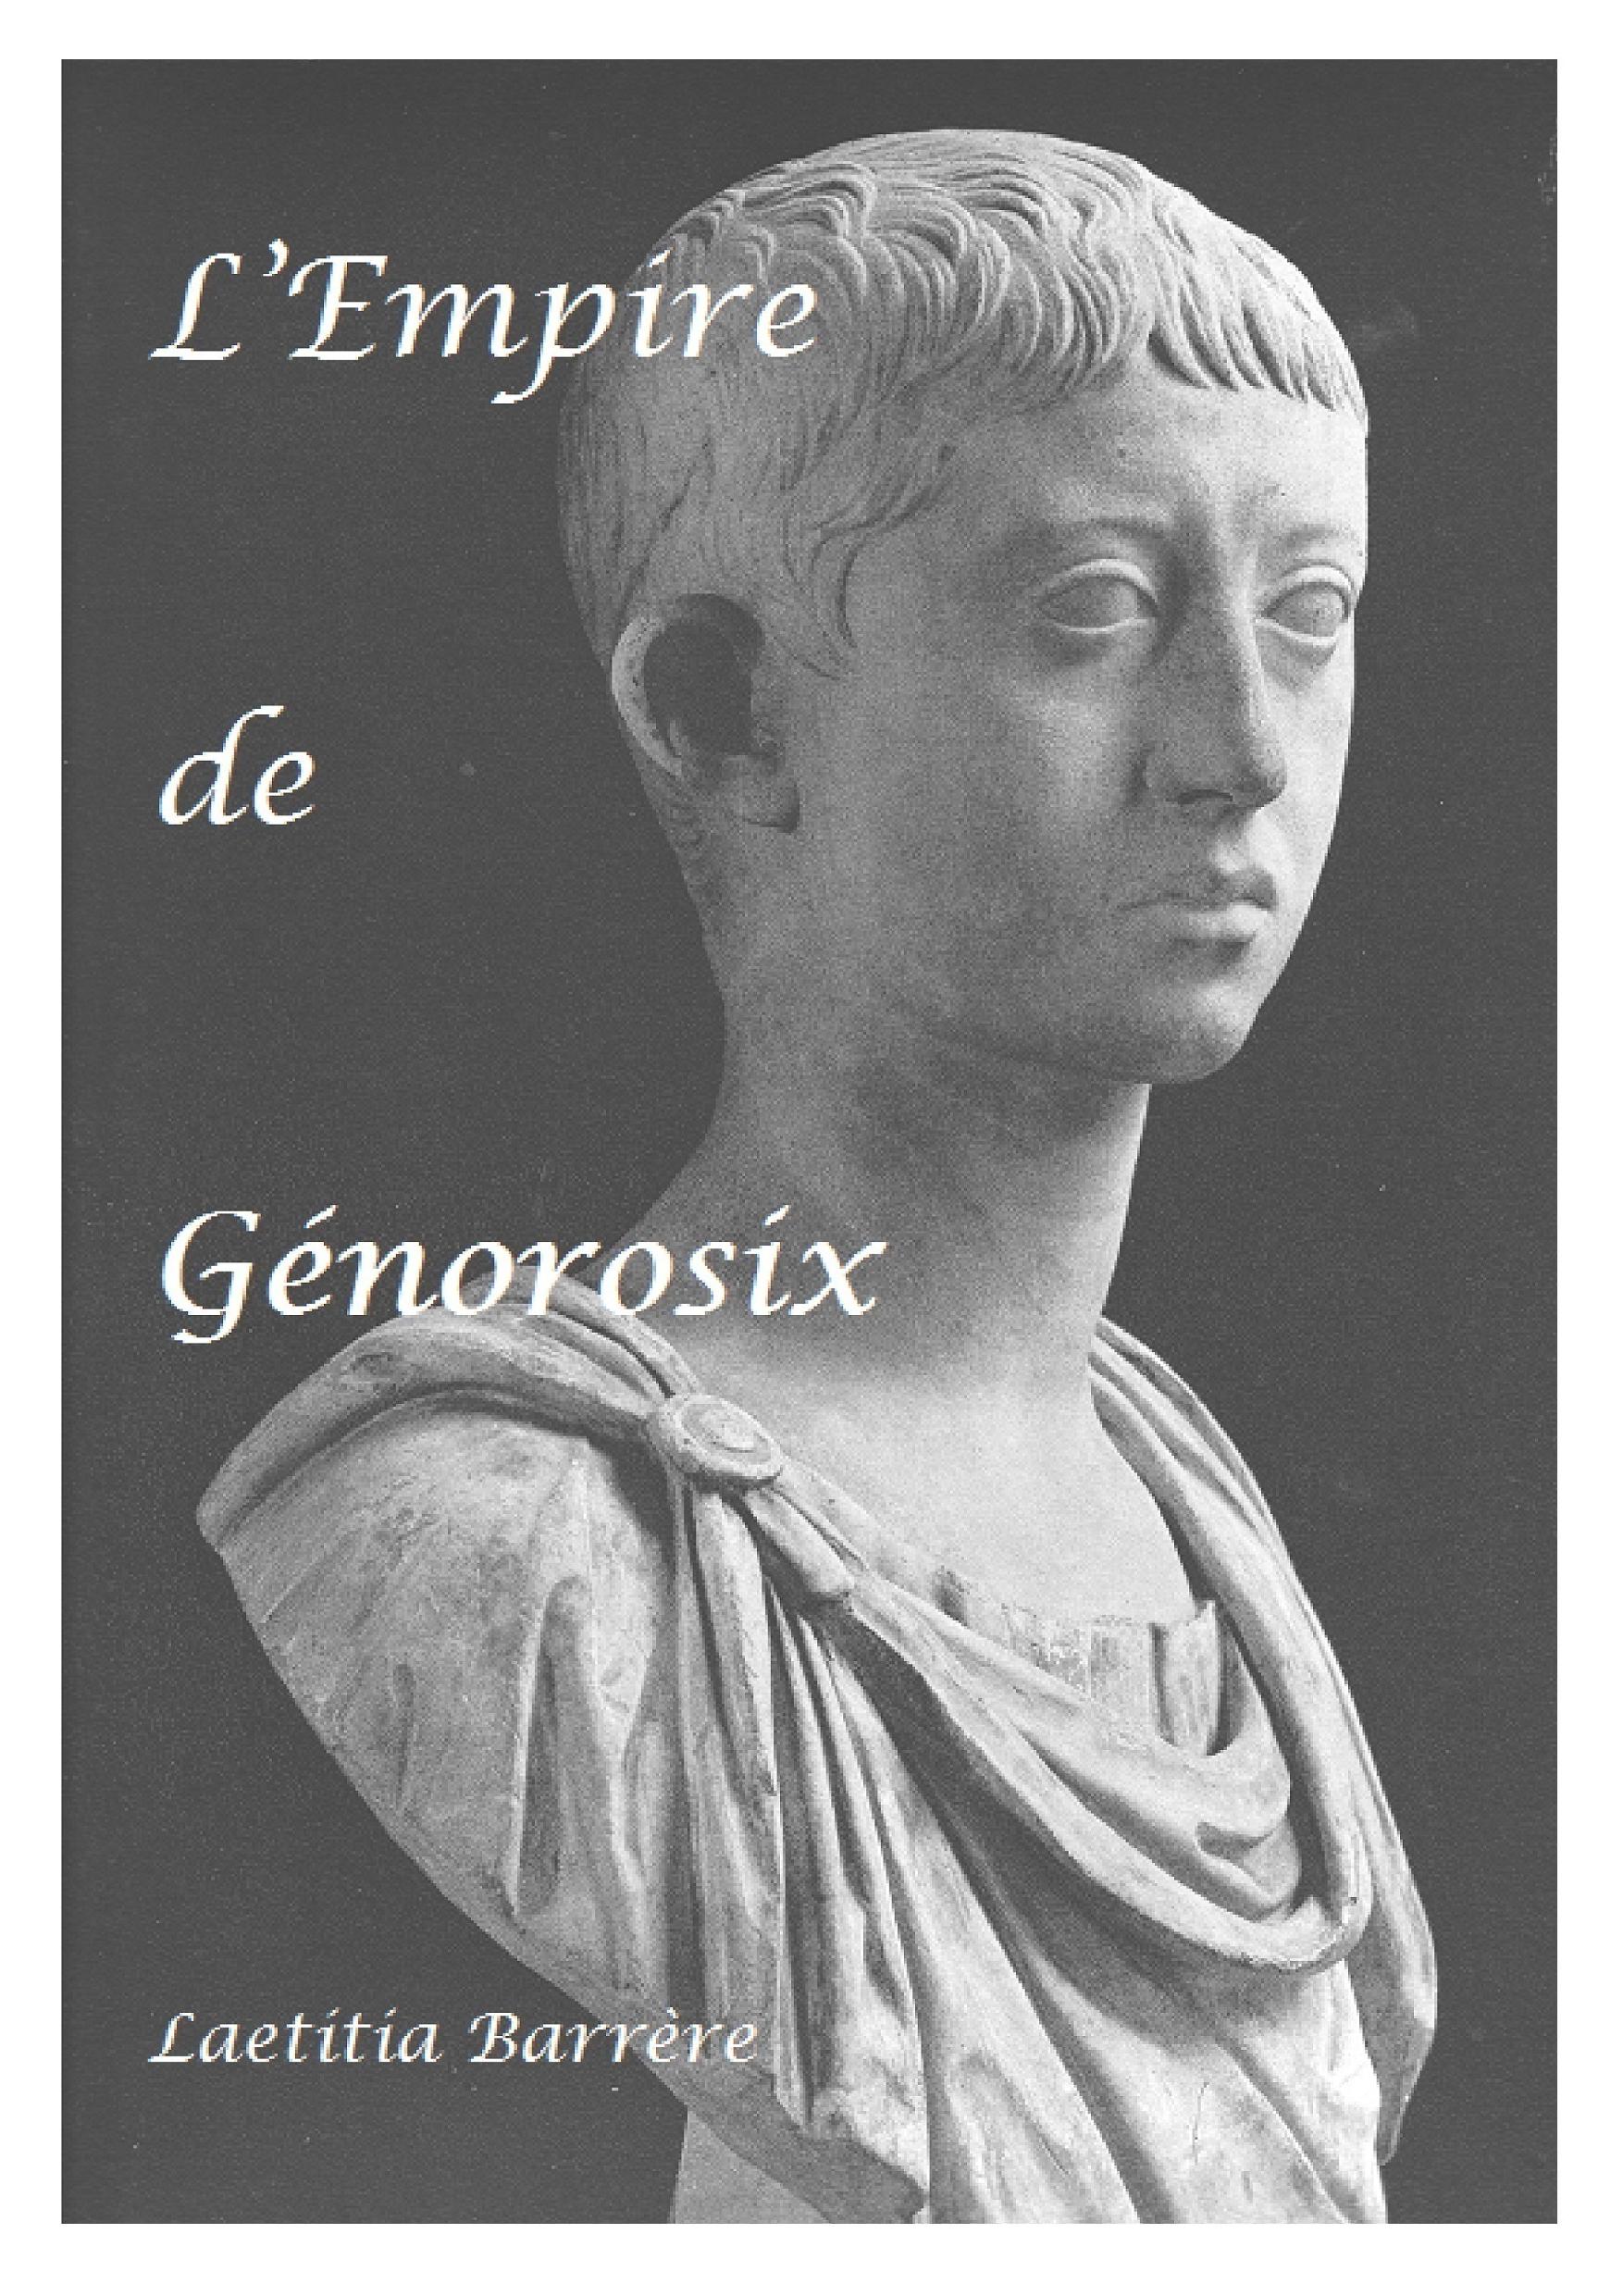 L'Empire de Génorosix